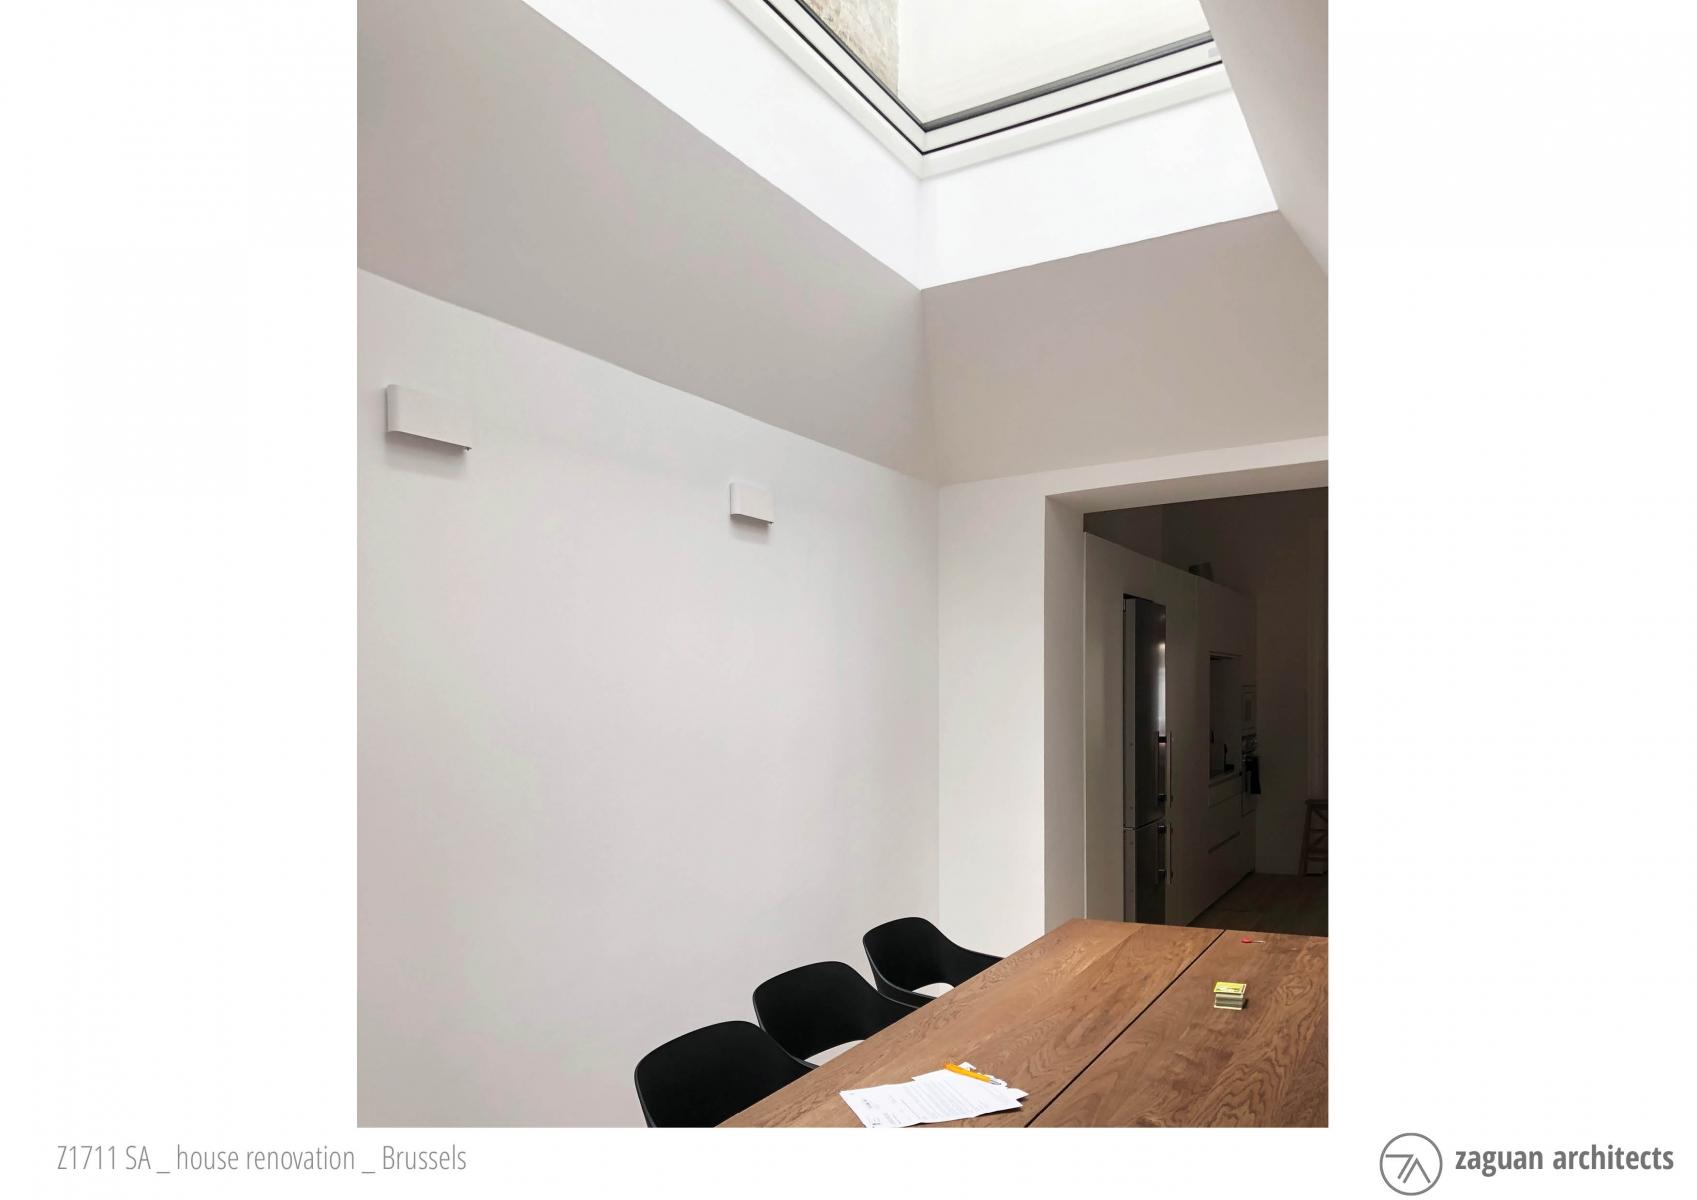 andres gonzalez gil zaguanarchitects house renovation brussels Z1711 02